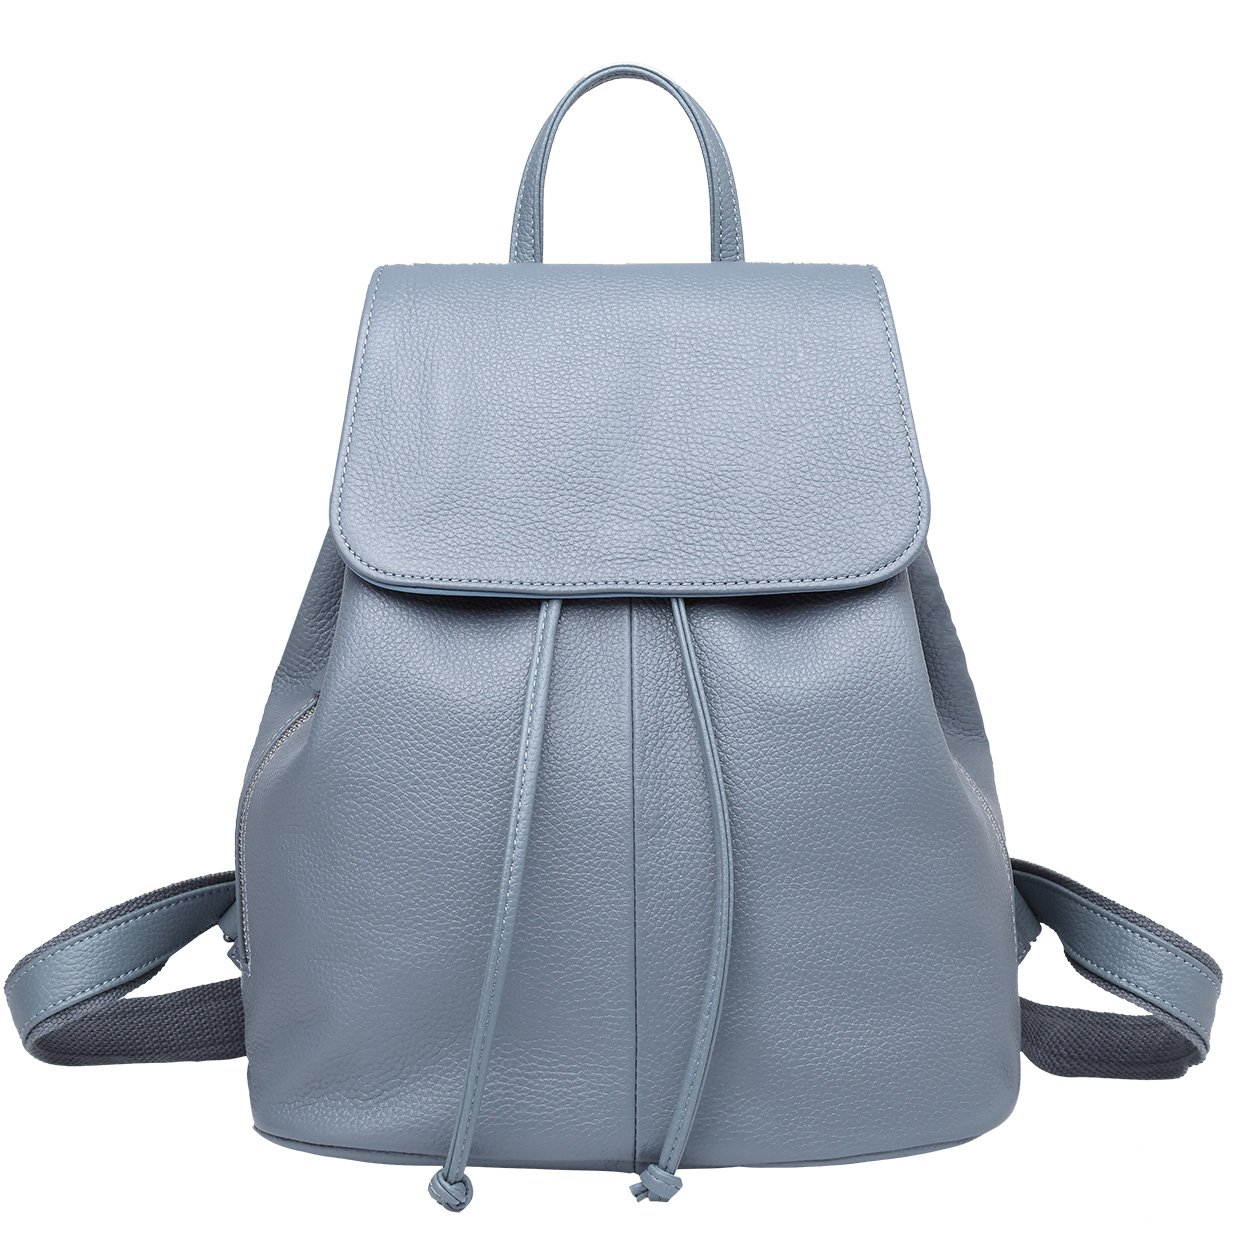 Genuine Leather Backpack for Women Elegant Ladies Travel School Shoulder Bag (11.42'' 12.2'' 5.91'', Light Blue)